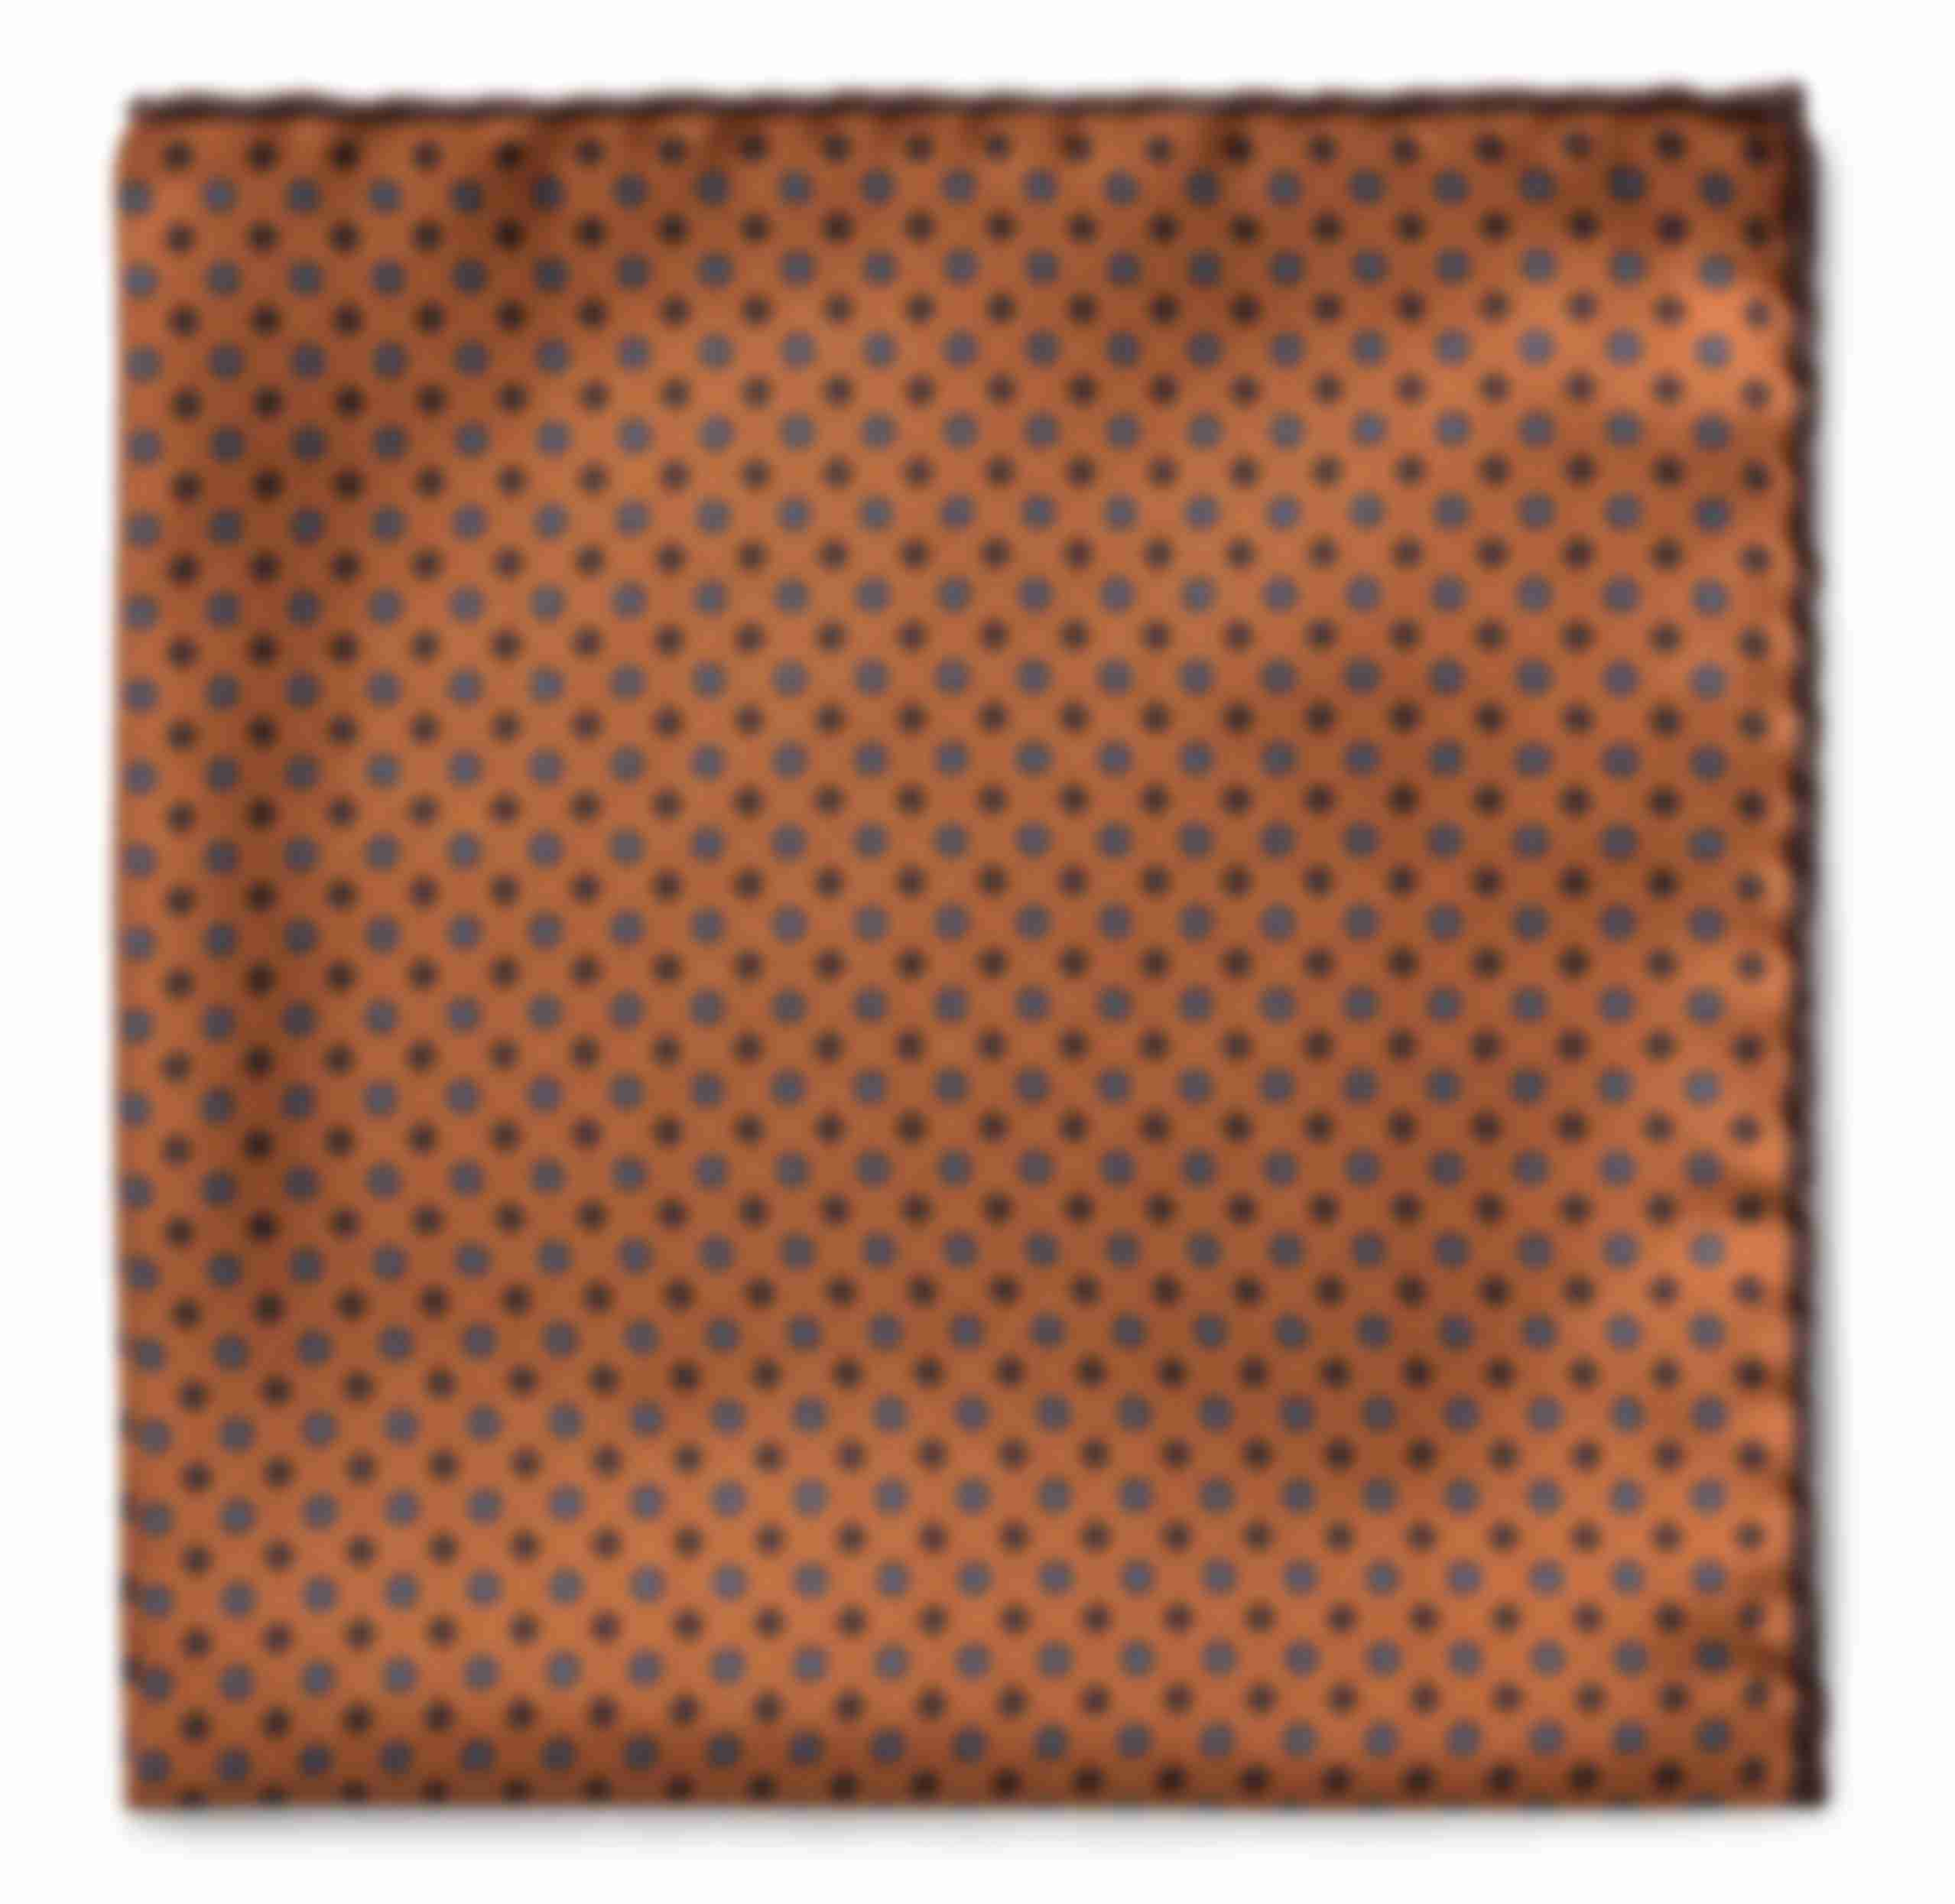 Pochette sur mesure soie orange et pois roulottée main Atelier Mesure